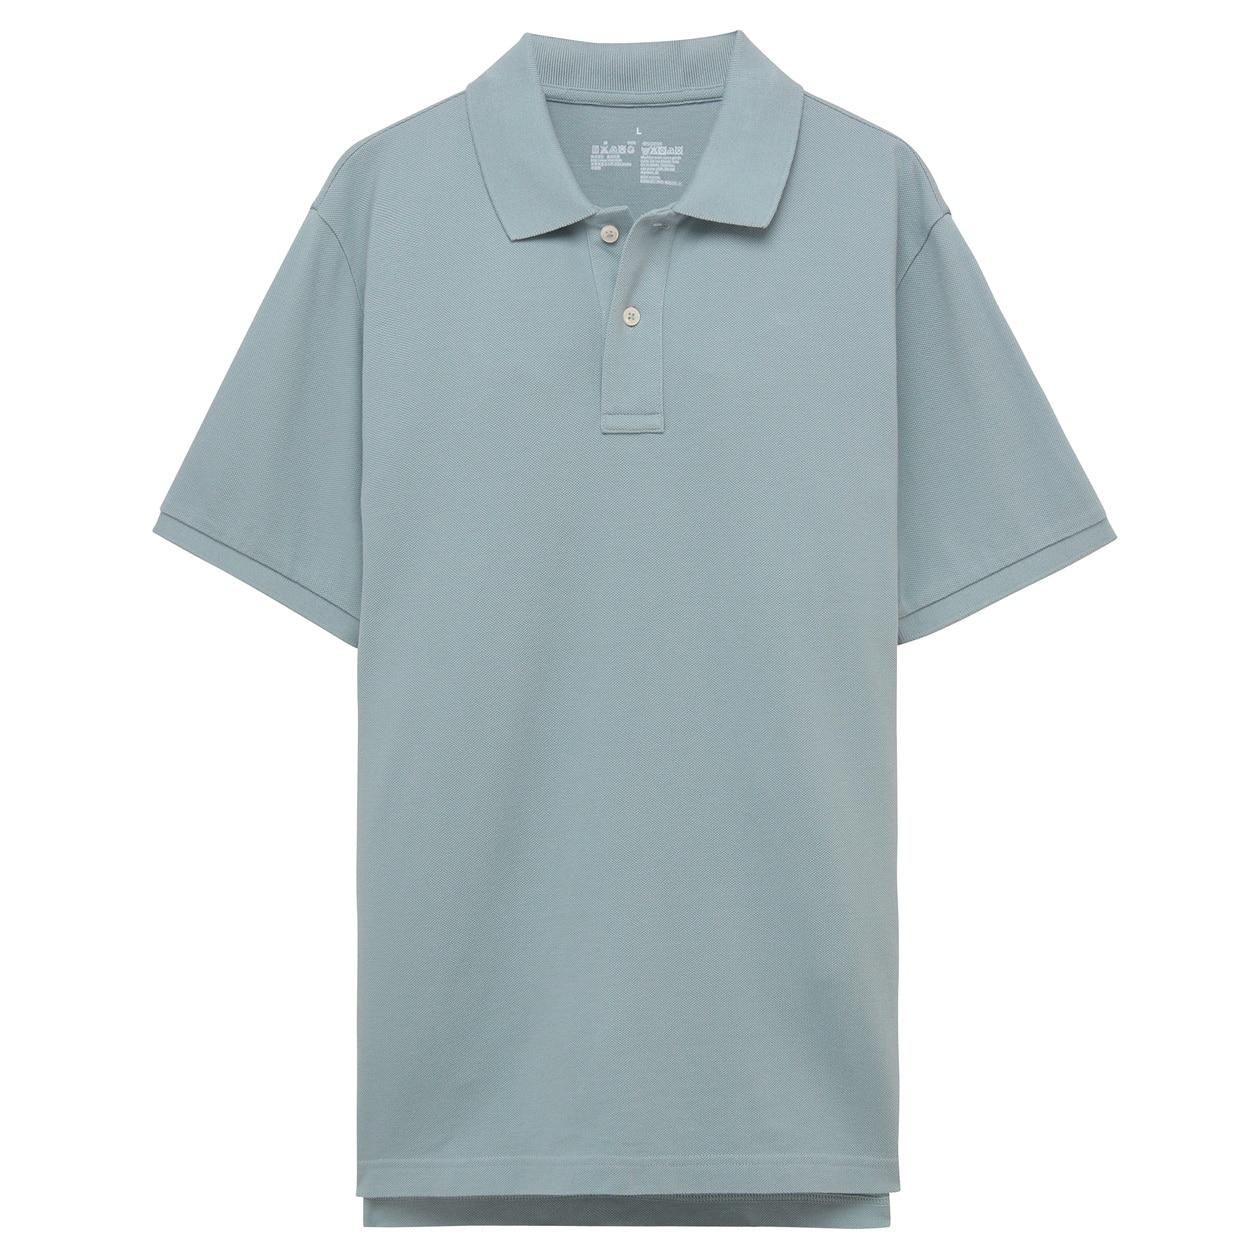 オーガニックコットン鹿の子ポロシャツ【サイズ拡大】